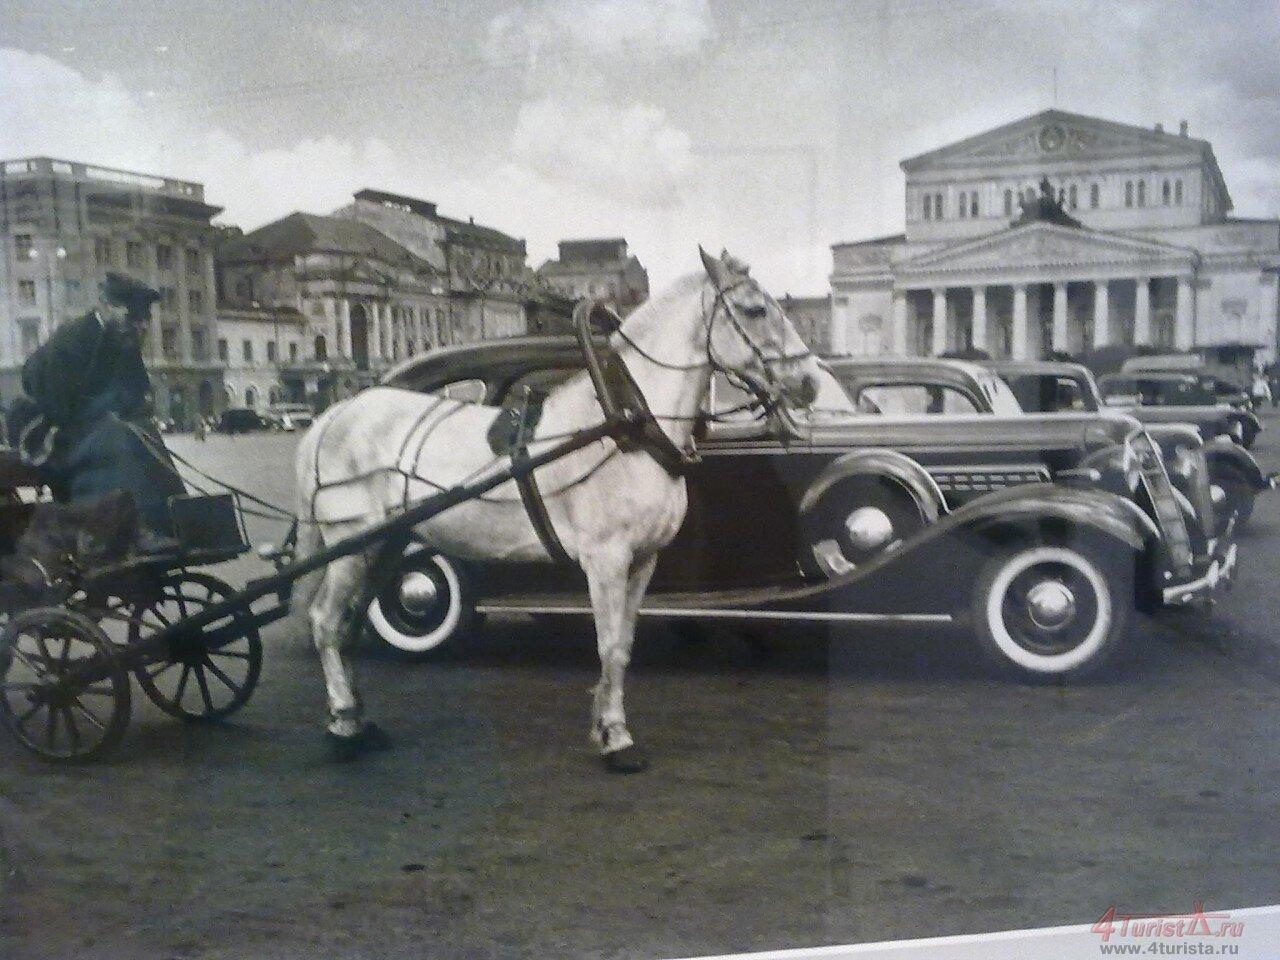 132. Извозчик и автомобиль. Стоянка такси у Большого театра